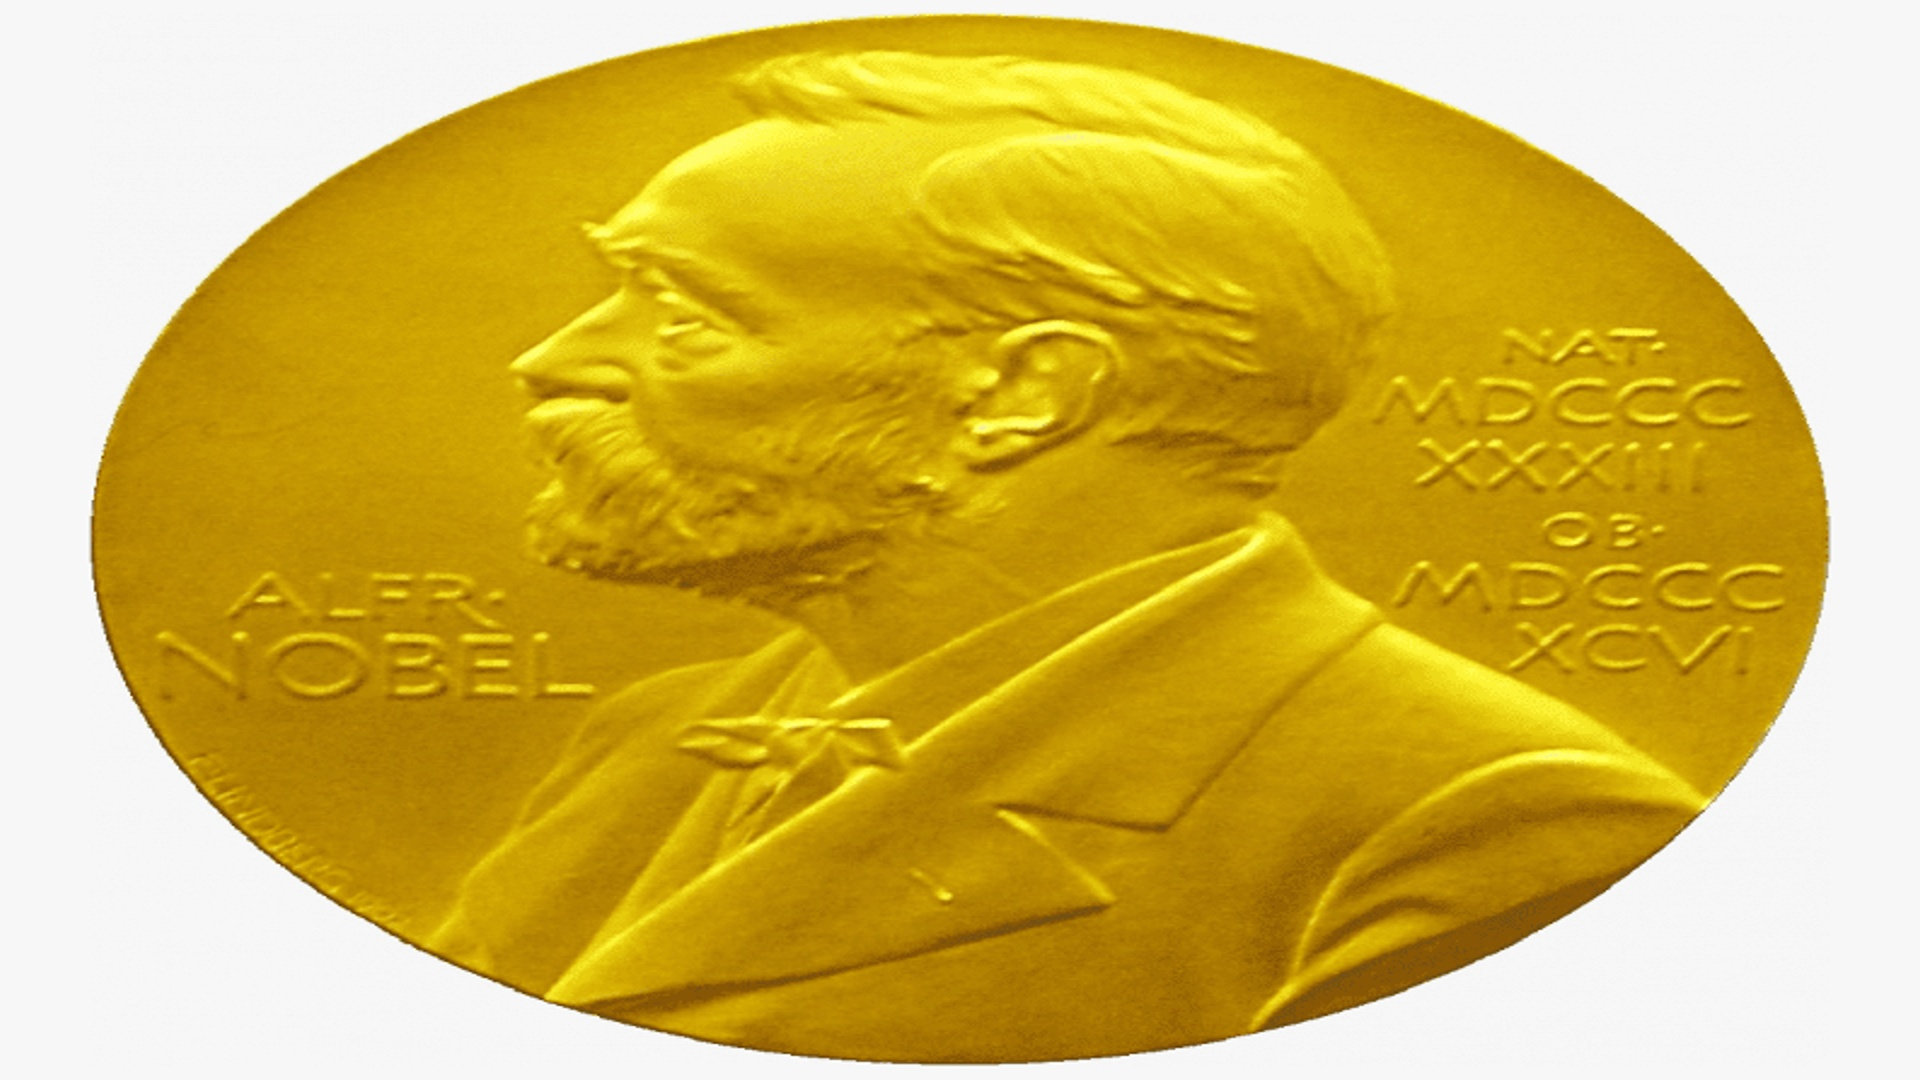 2020-ci il üzrə Nobel mükafatı laureatlarının adları açıqlanıb